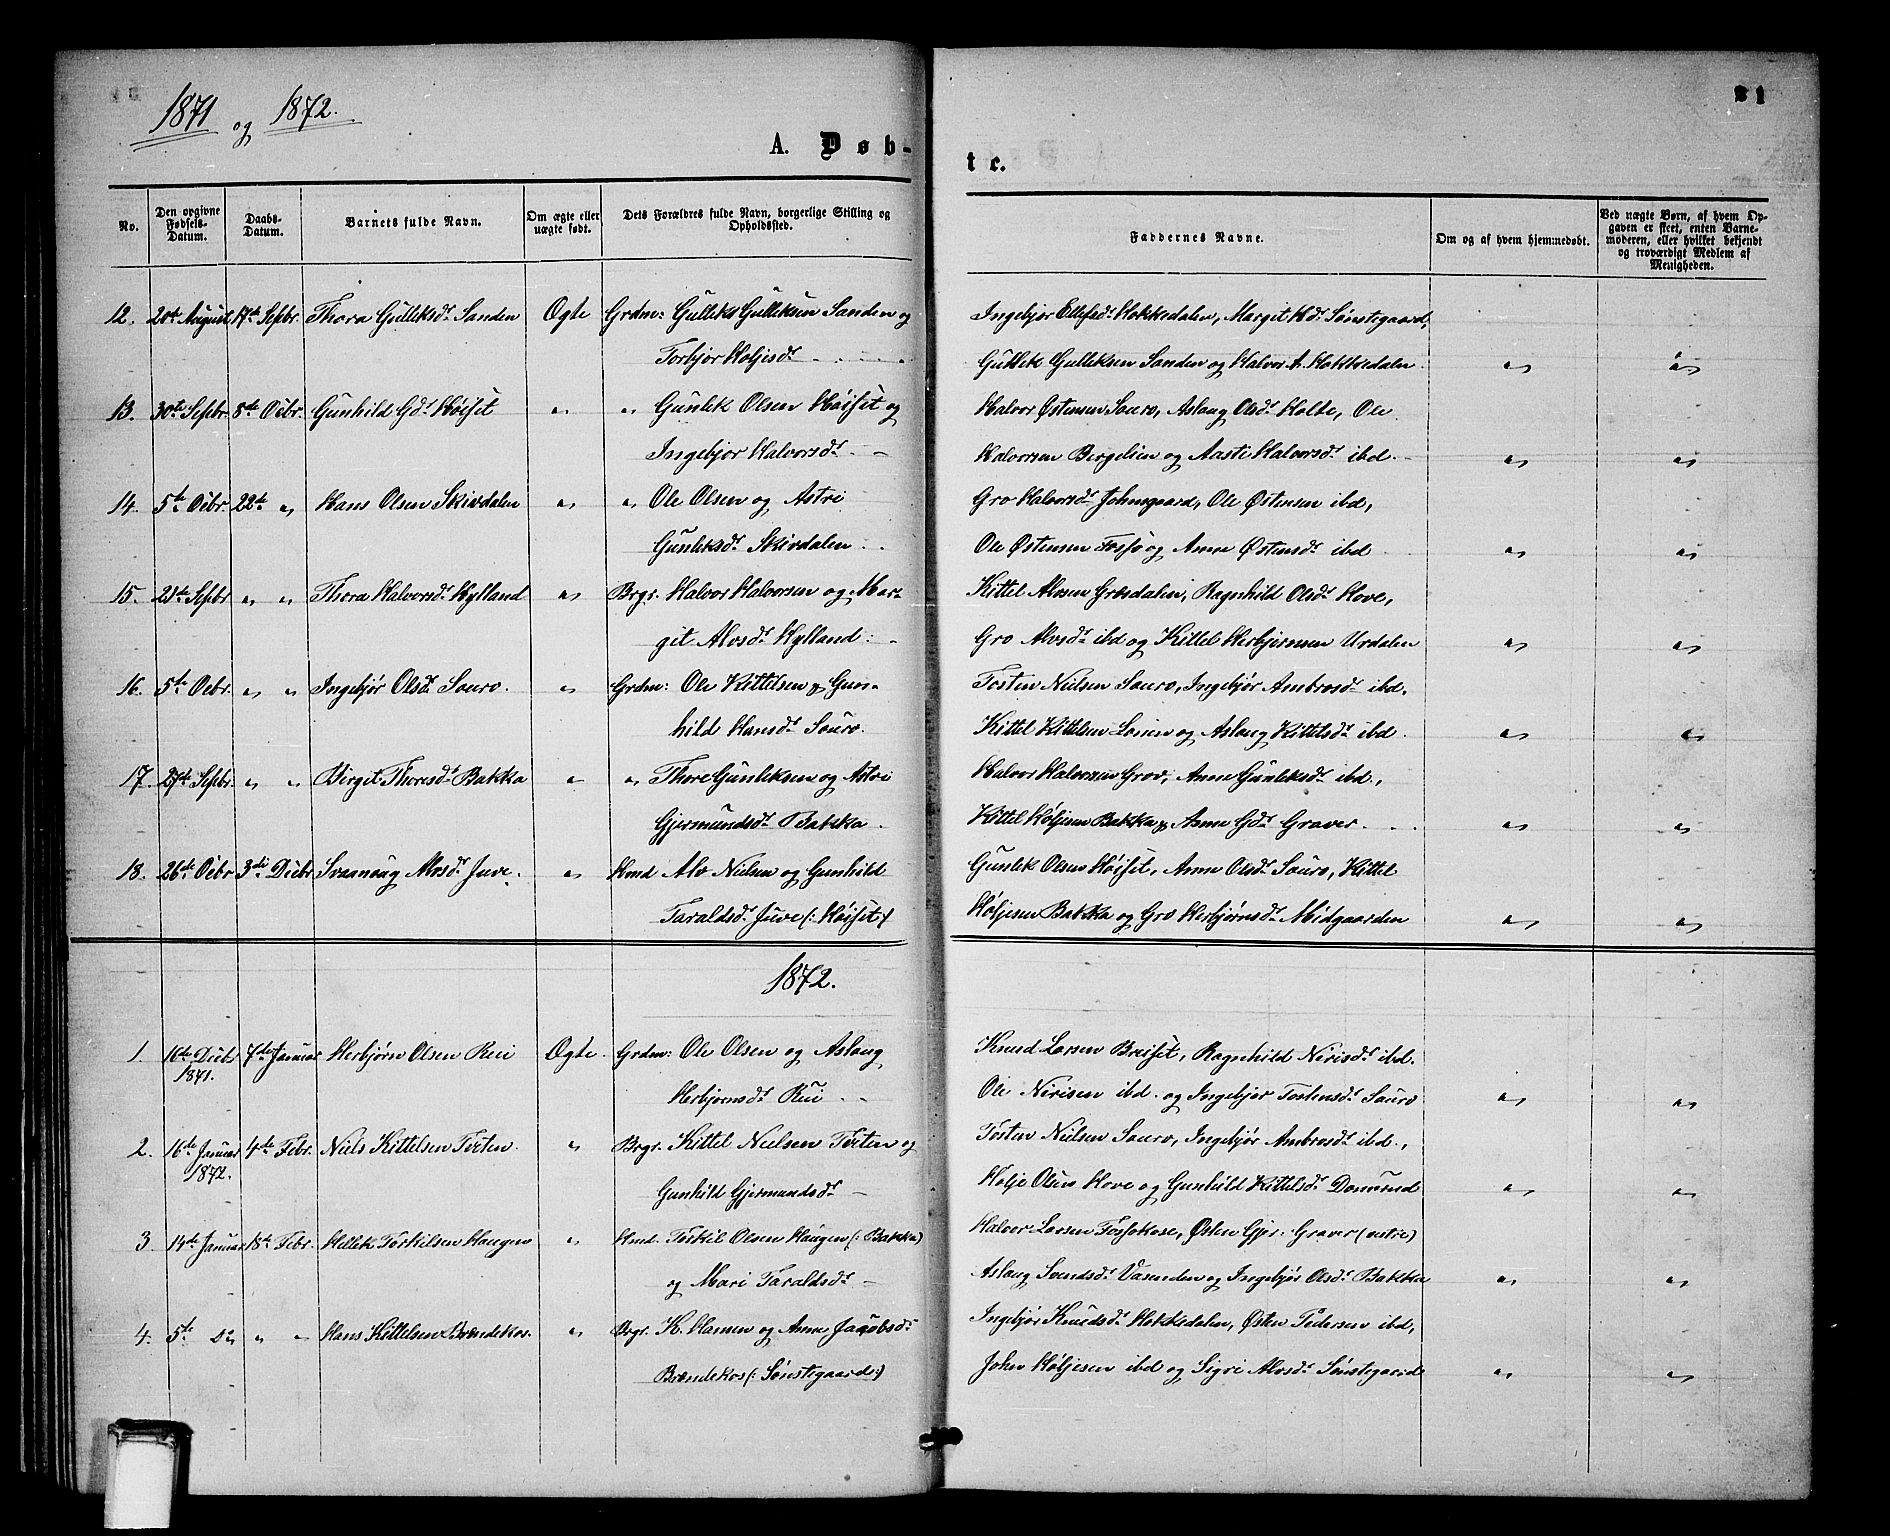 SAKO, Gransherad kirkebøker, G/Gb/L0002: Klokkerbok nr. II 2, 1860-1886, s. 21